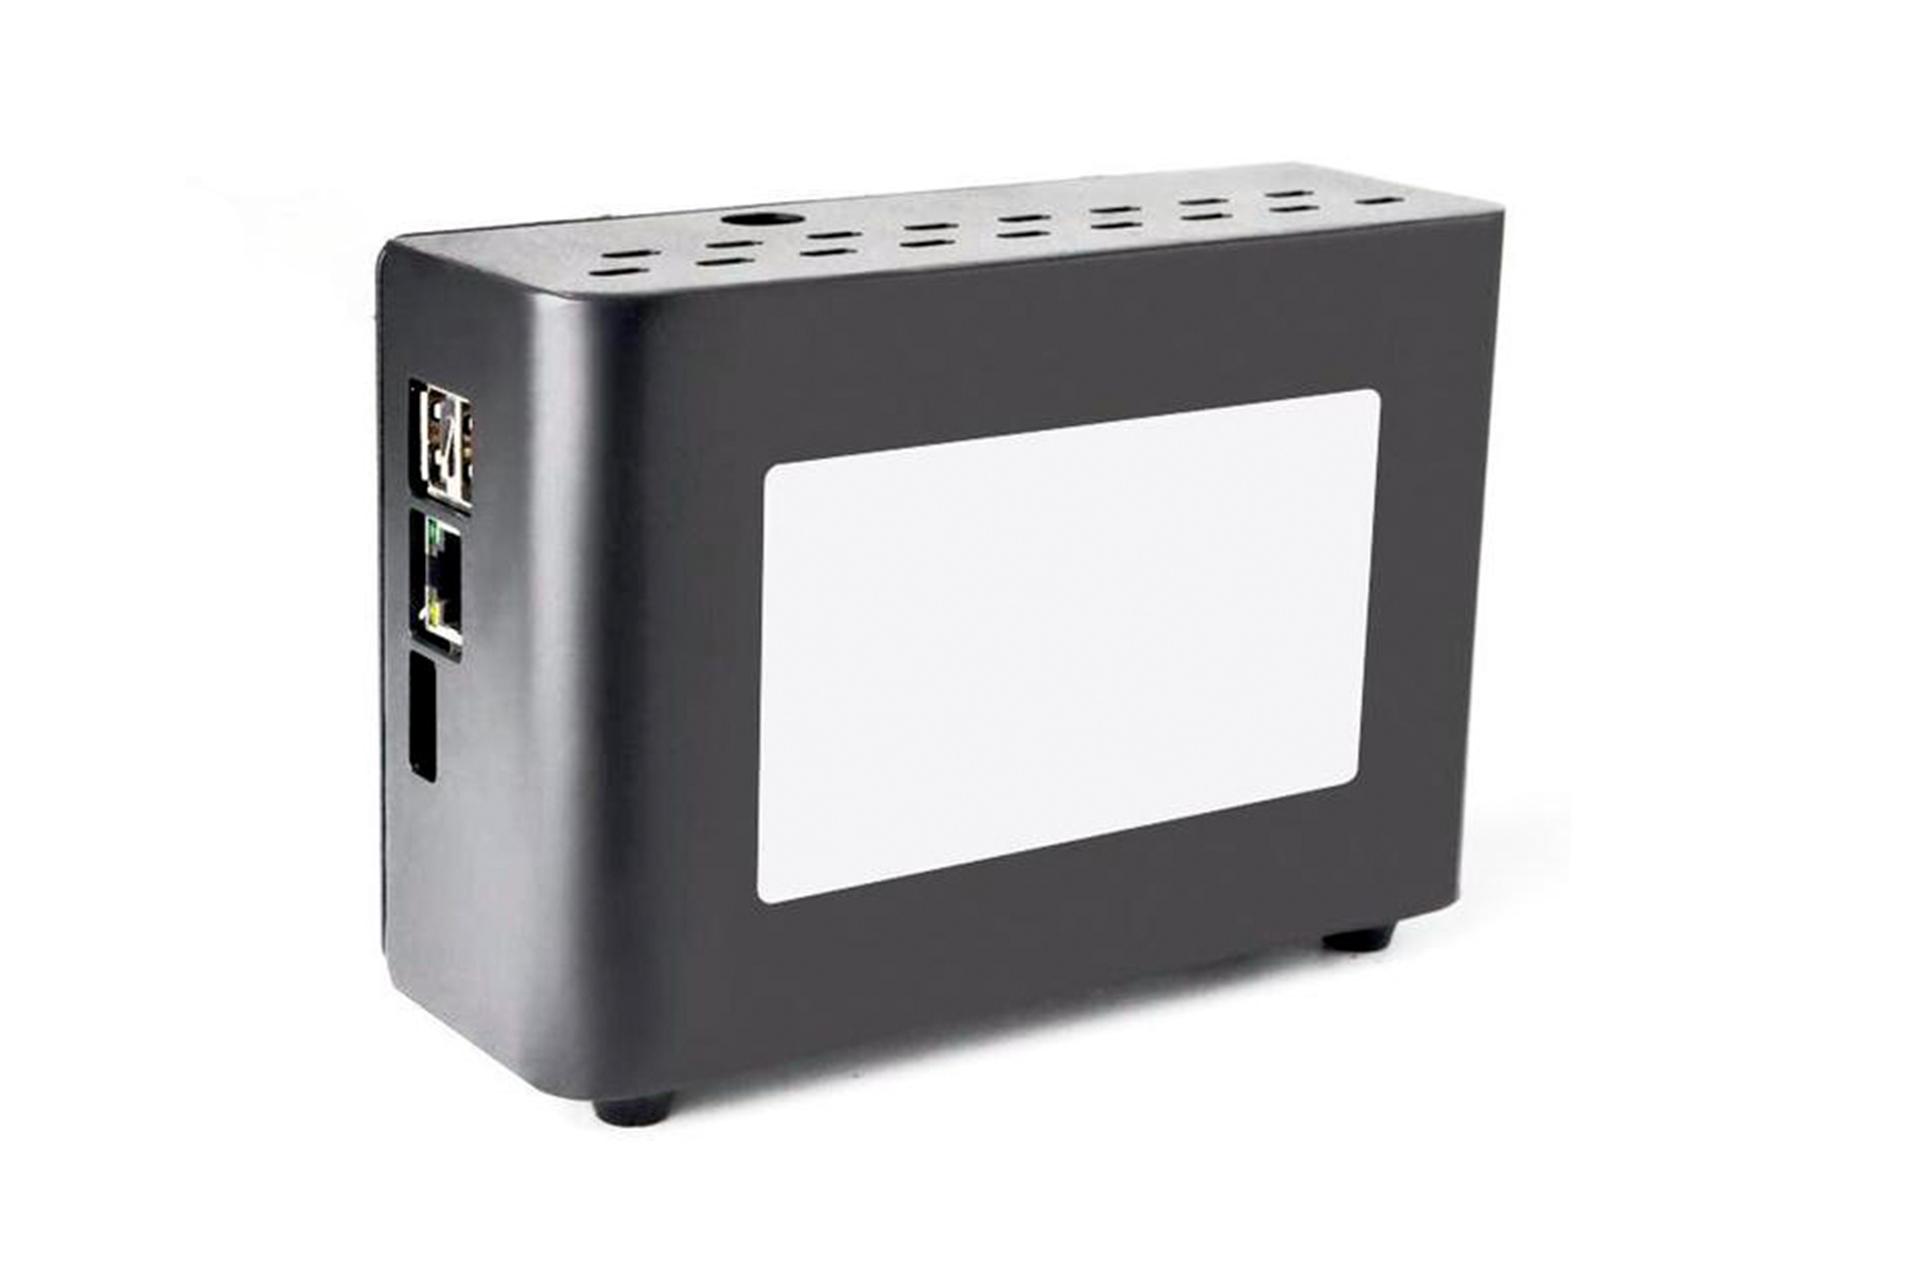 Блок управления Wanhao D7 Control Box купить украина 1